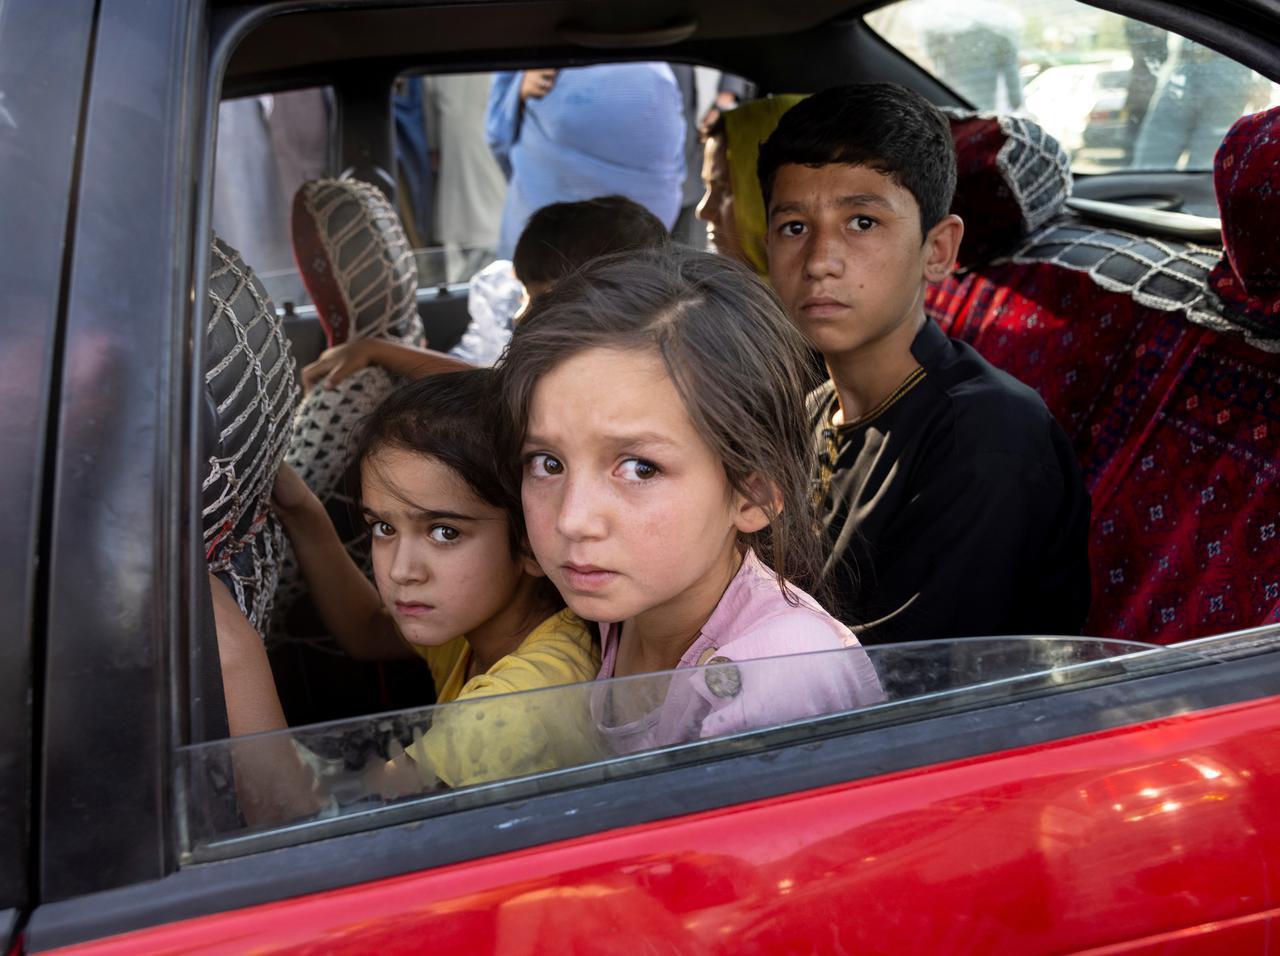 画像: アフガニスタンの「今」を伝える12枚の写真【特集】 - フロントロウ -海外セレブ&海外カルチャー情報を発信